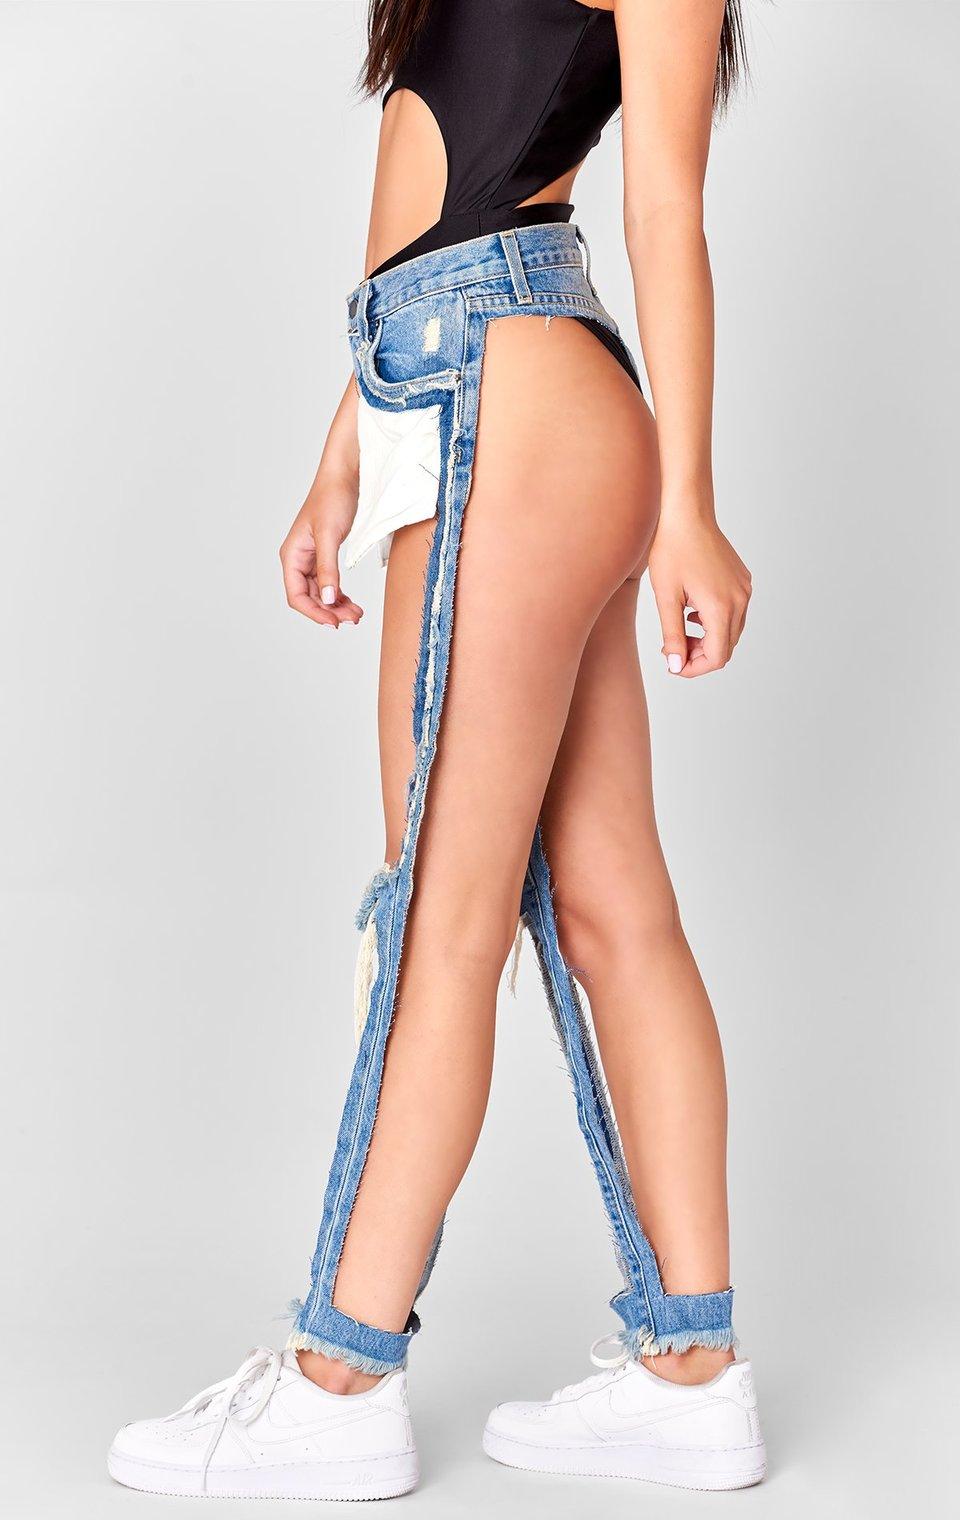 Слишком вырезанные джинсы за 168 долларов вызвали скандал в соцсетях (фото)